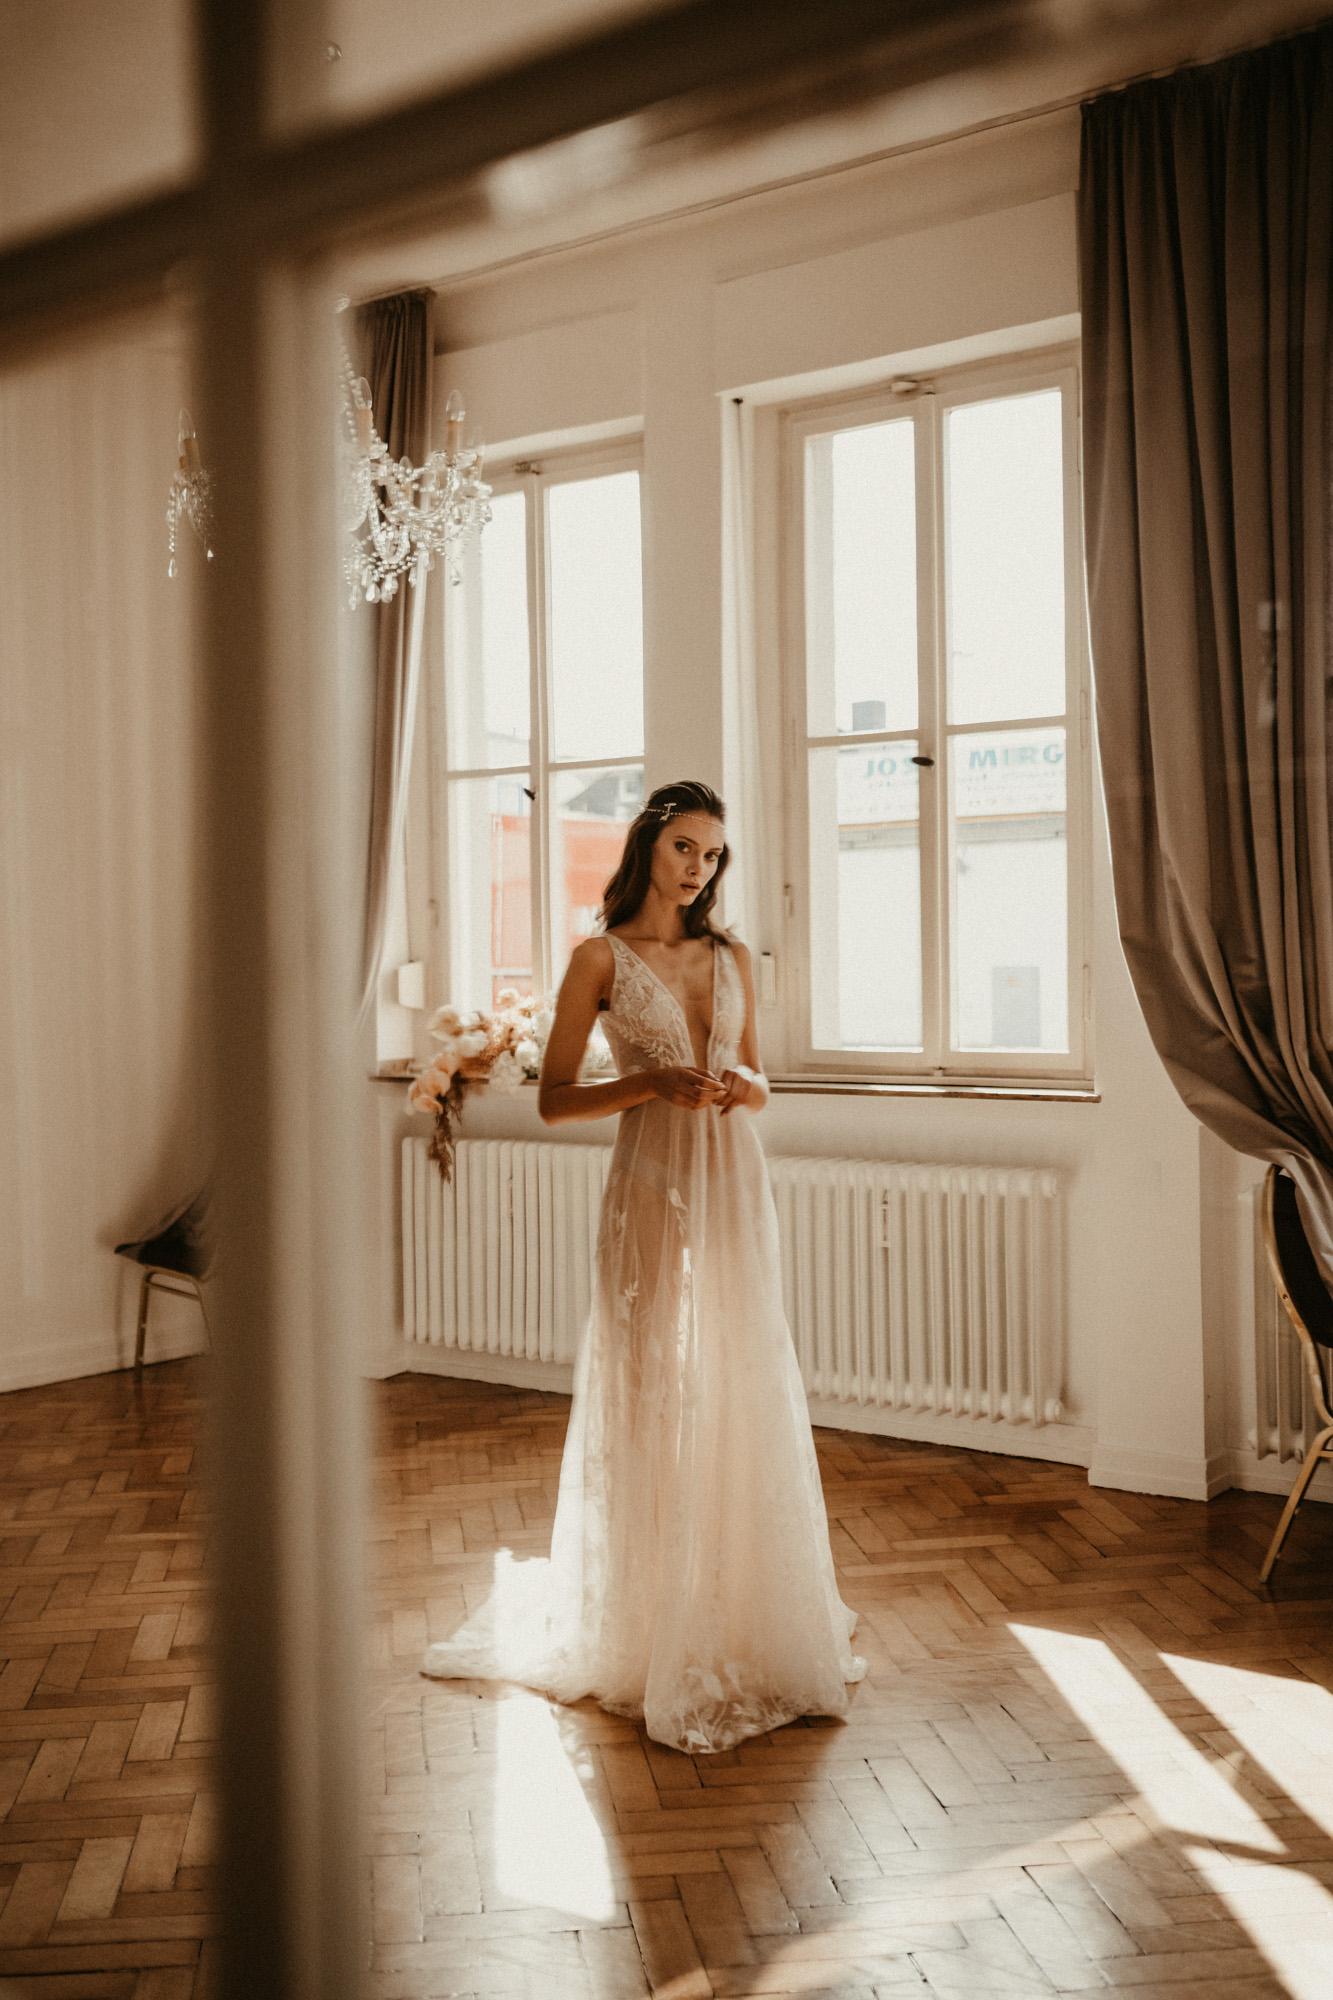 Visagistin für Fashion Style Shooting in Köln (Brautstyling, Haare und Make-Up by Ekaterina Freidich)